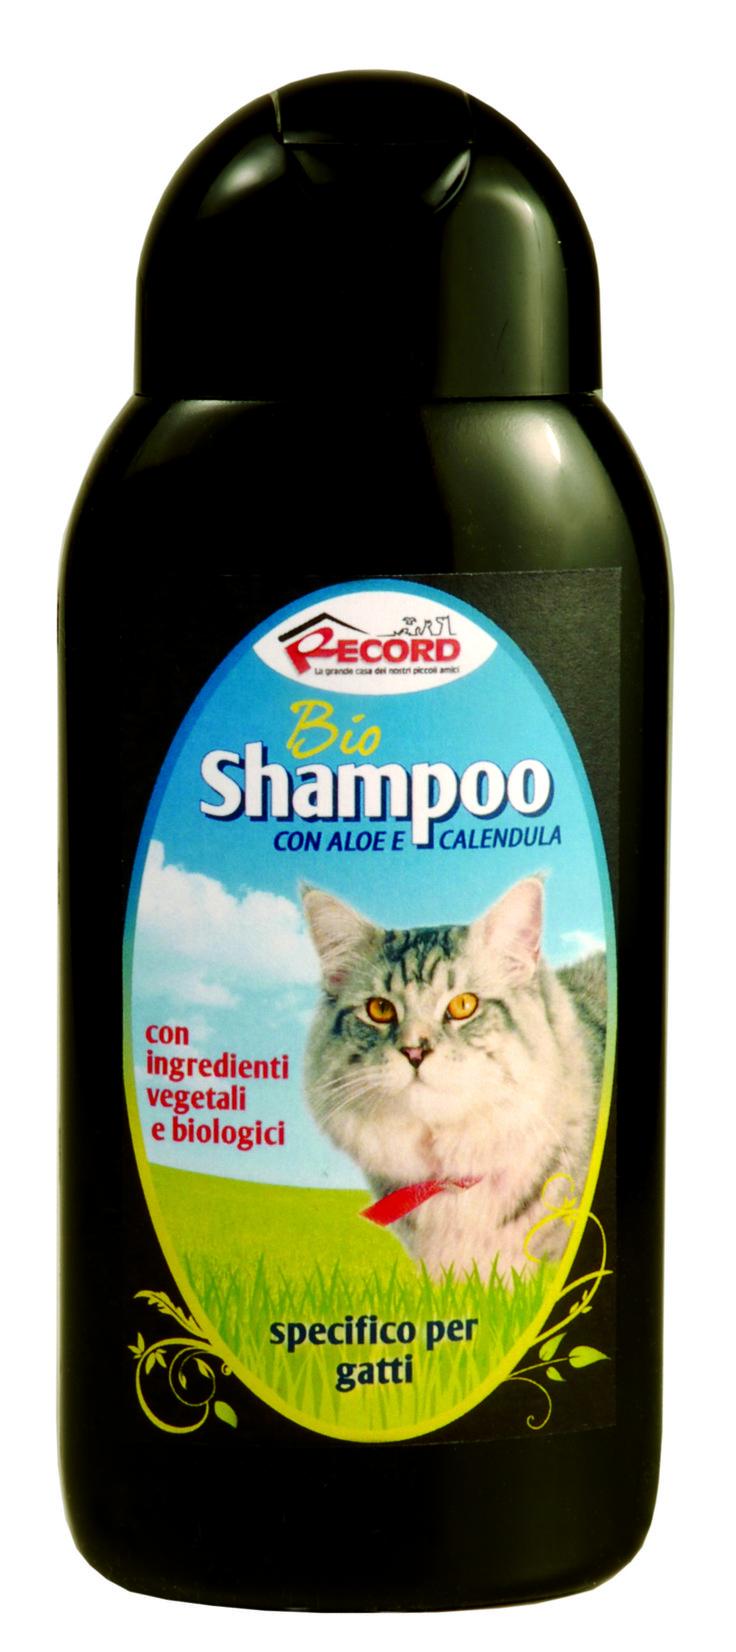 #Bio #shampoo specifico per #gatti, by Record. www.recordit.com